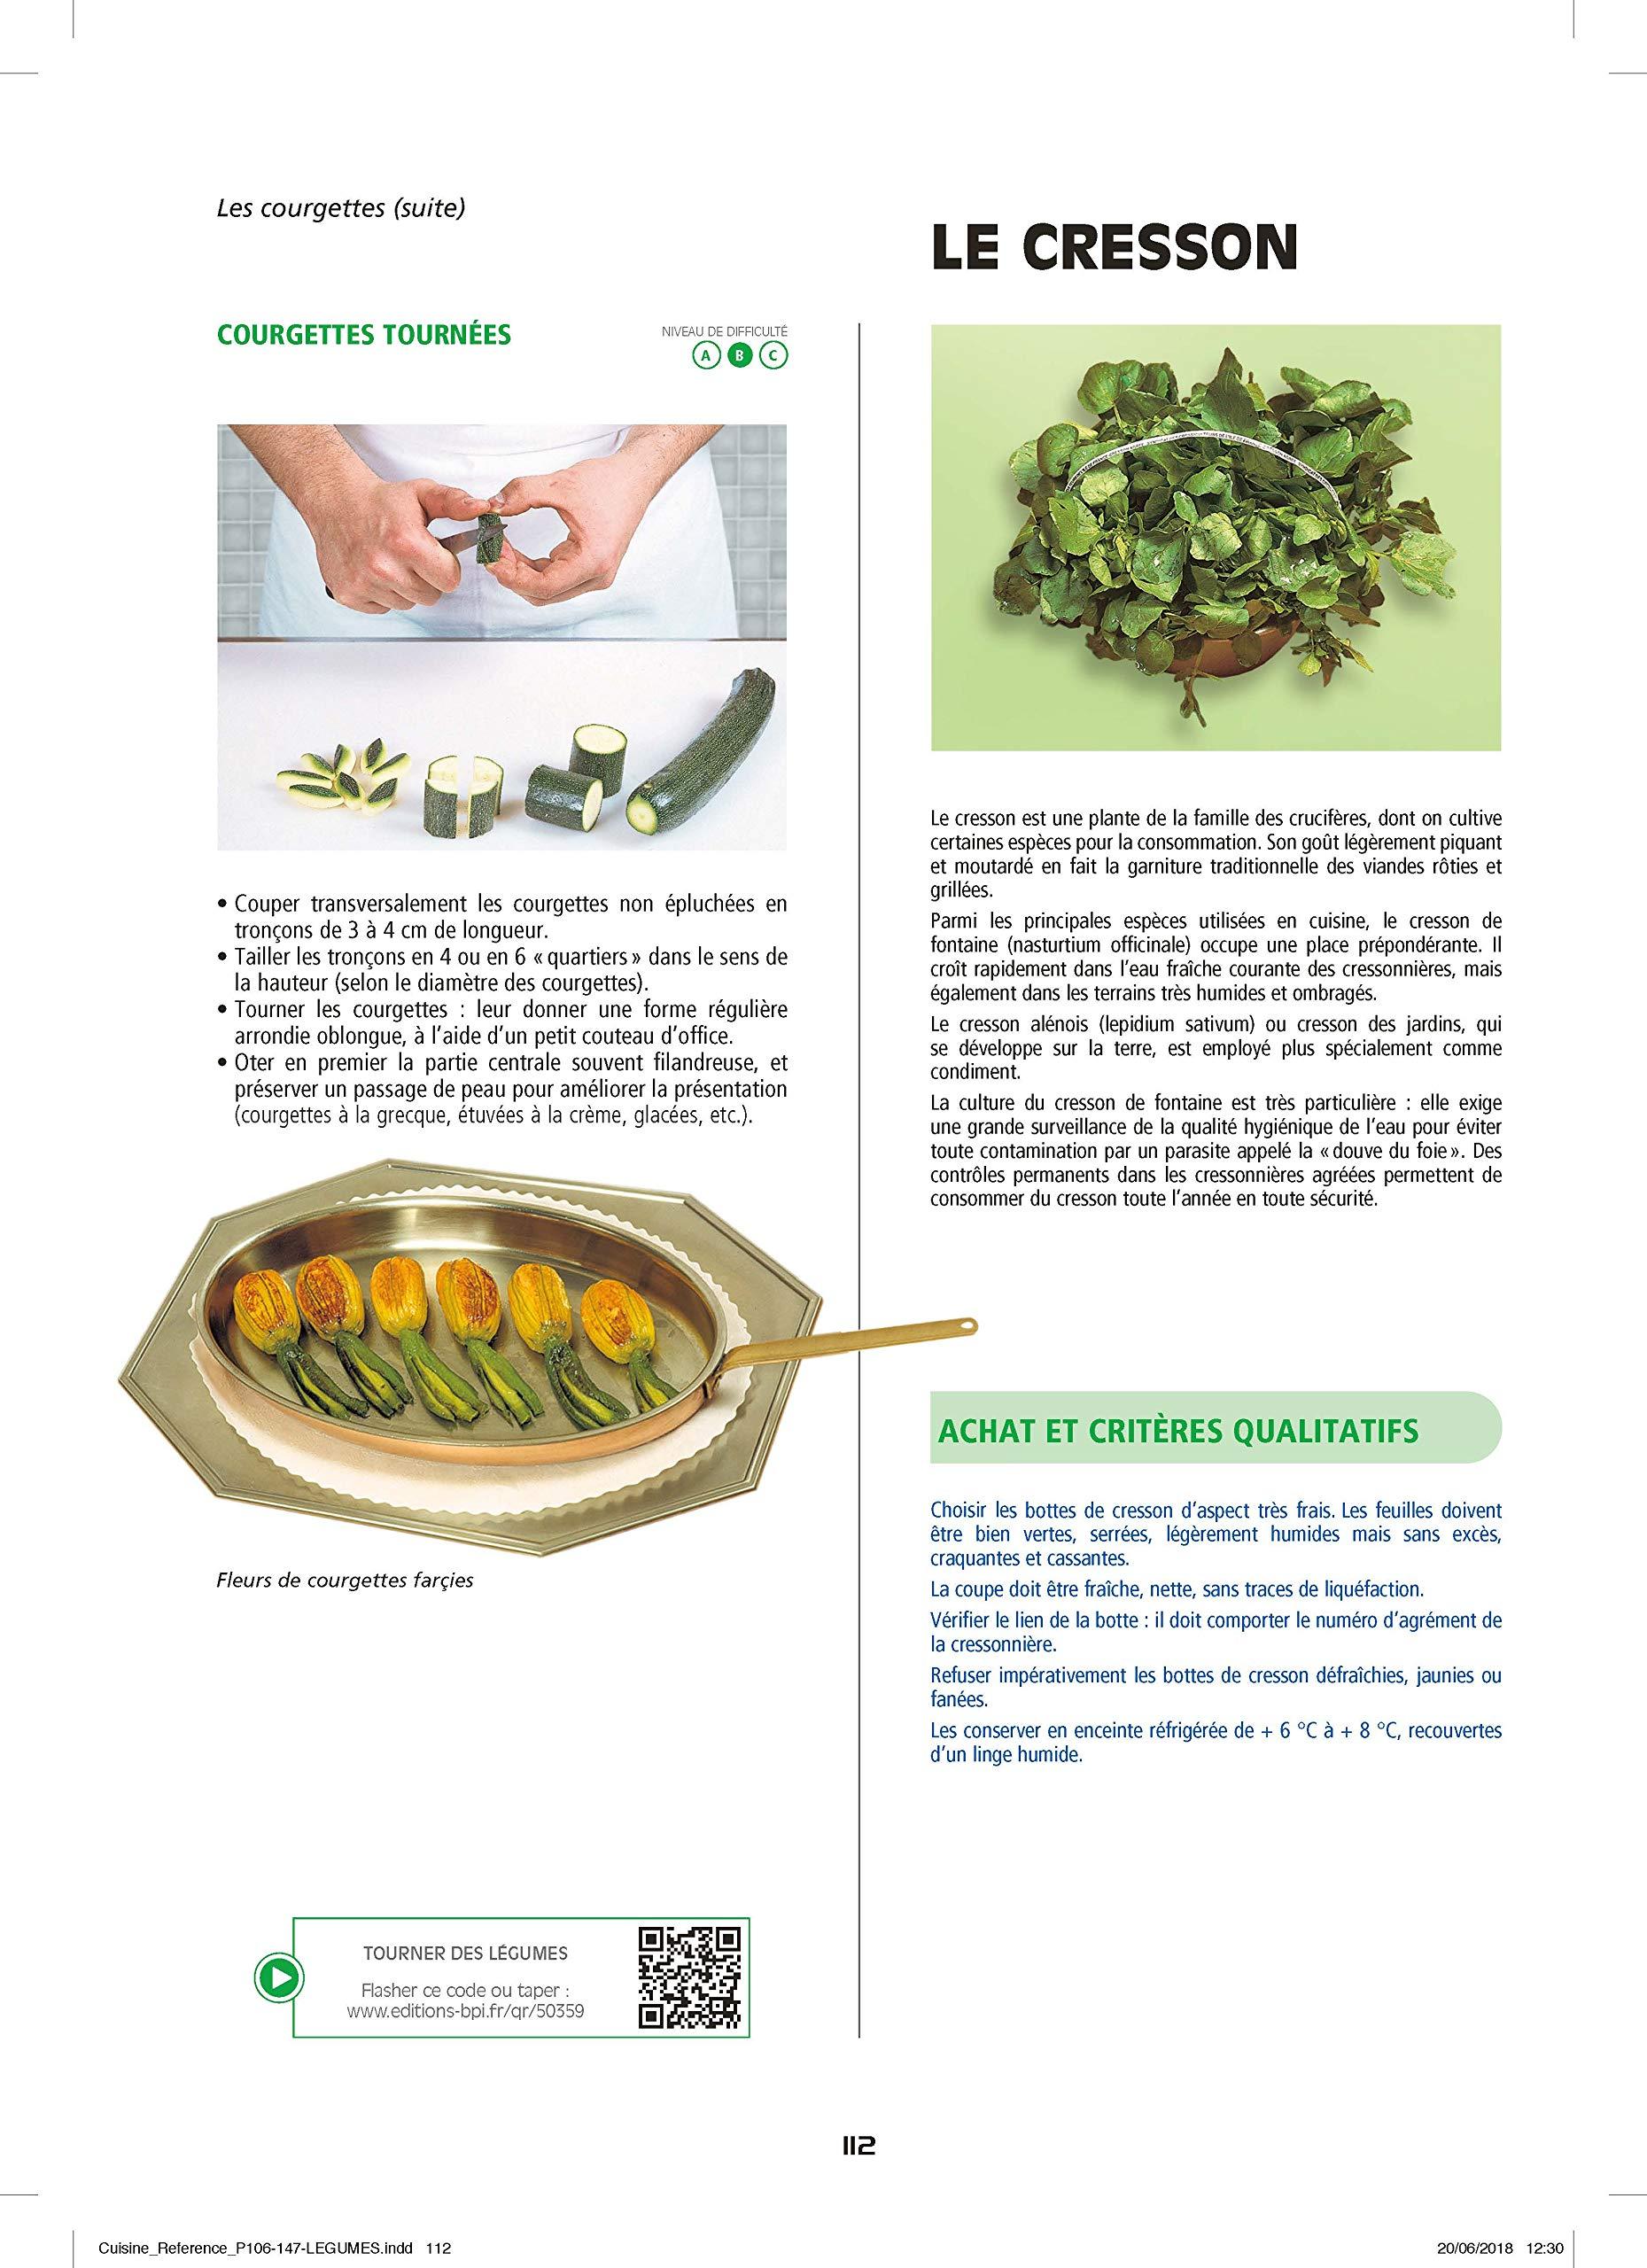 Cuisine De Reference Complet Pdf Gratuit